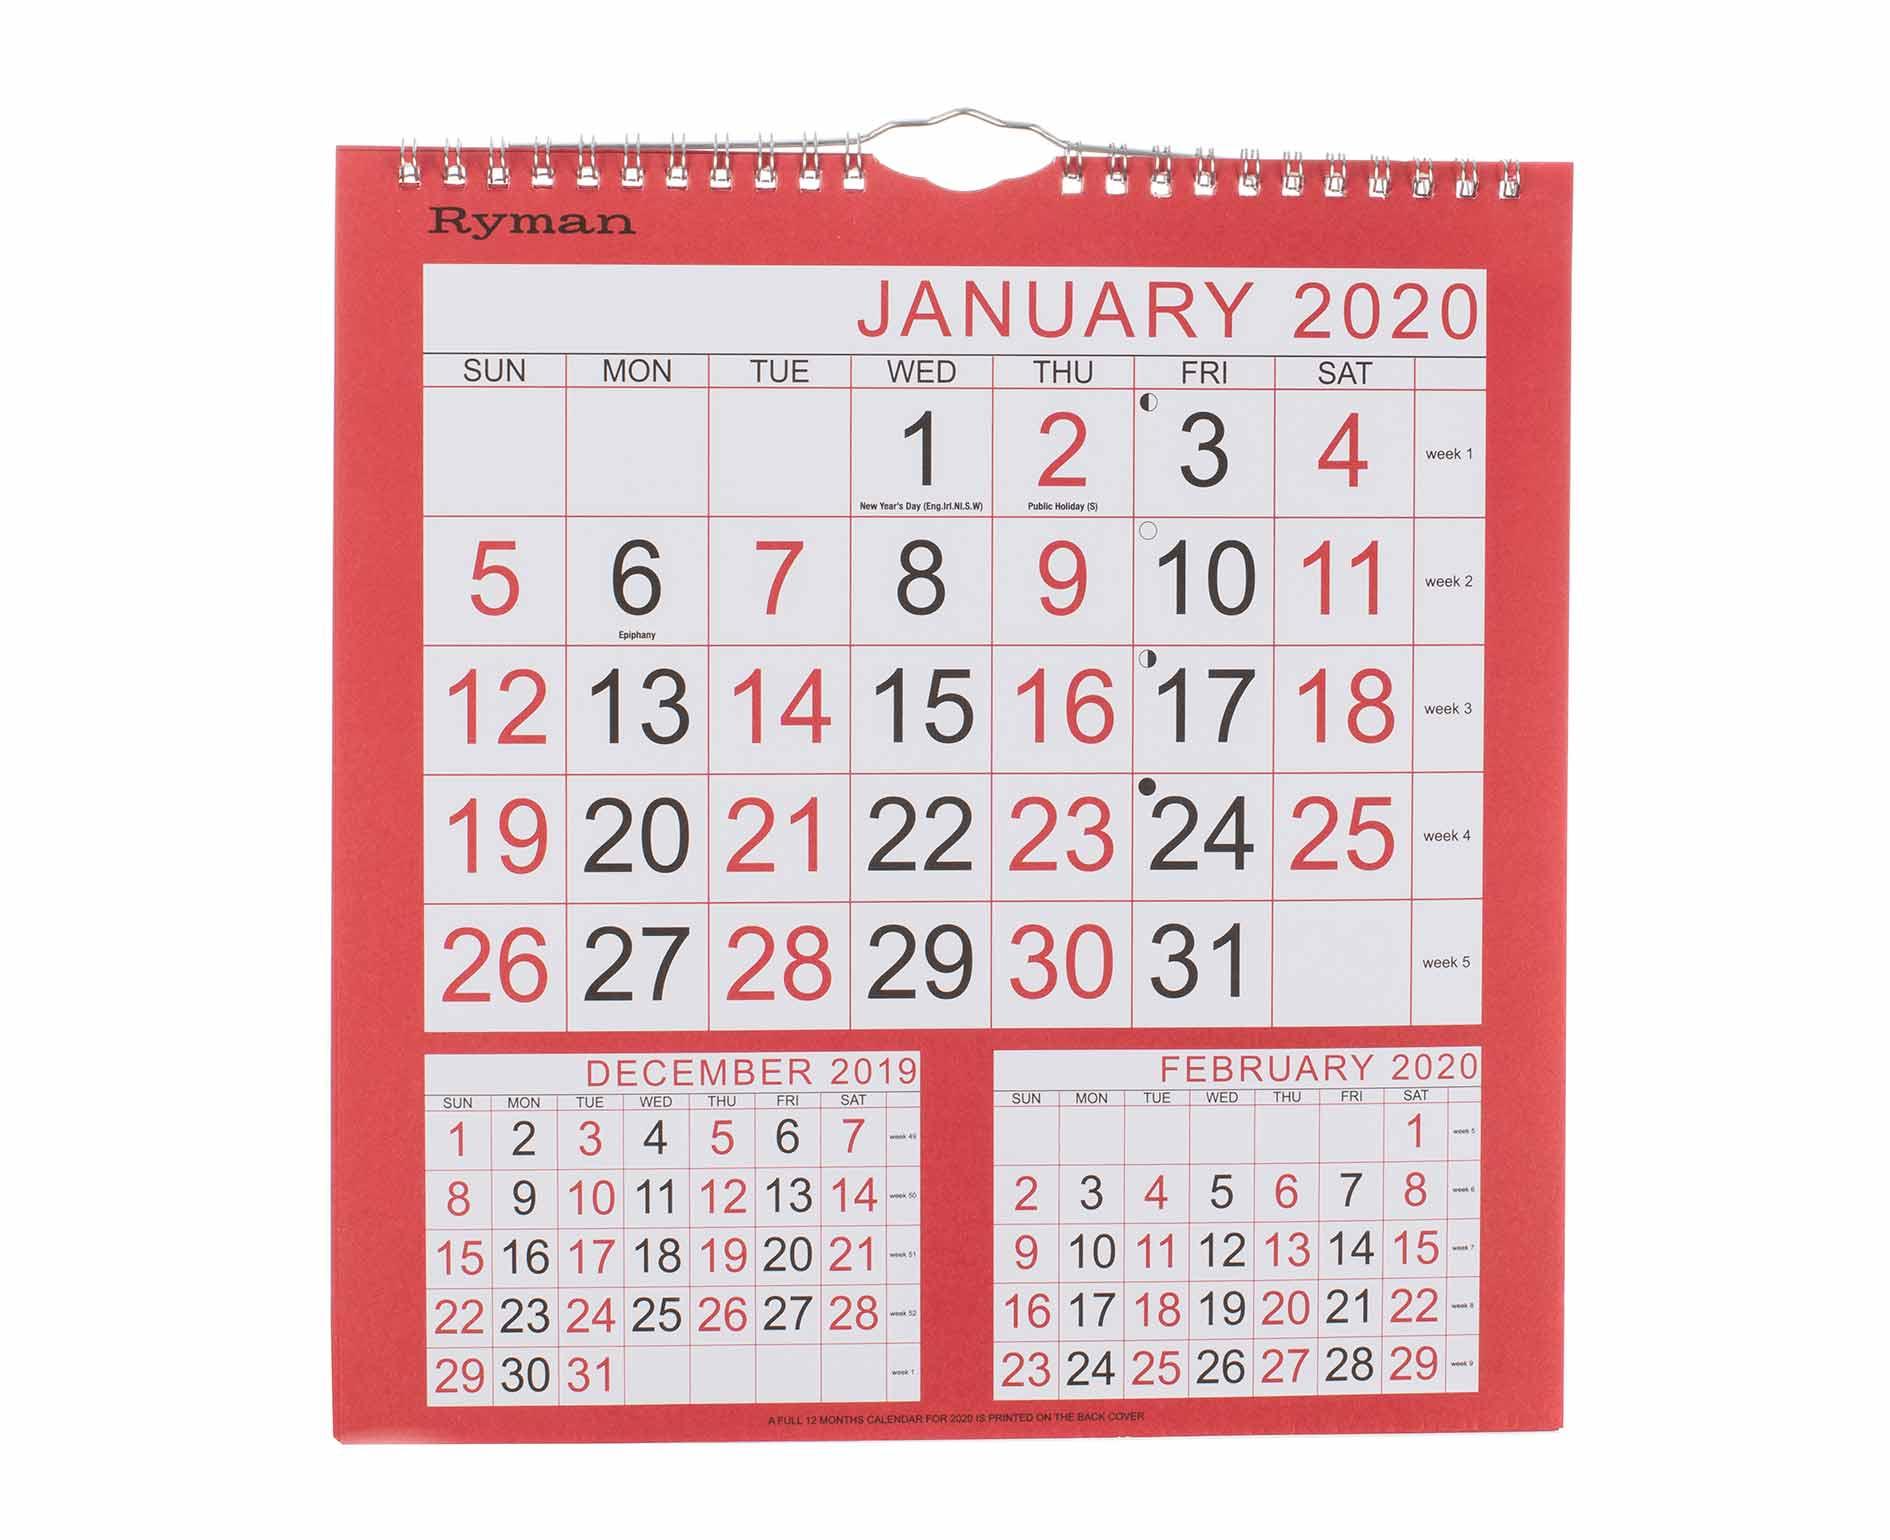 Ryman Calendar 3 Month To View Medium 2020 throughout Kodak Calendar Maker